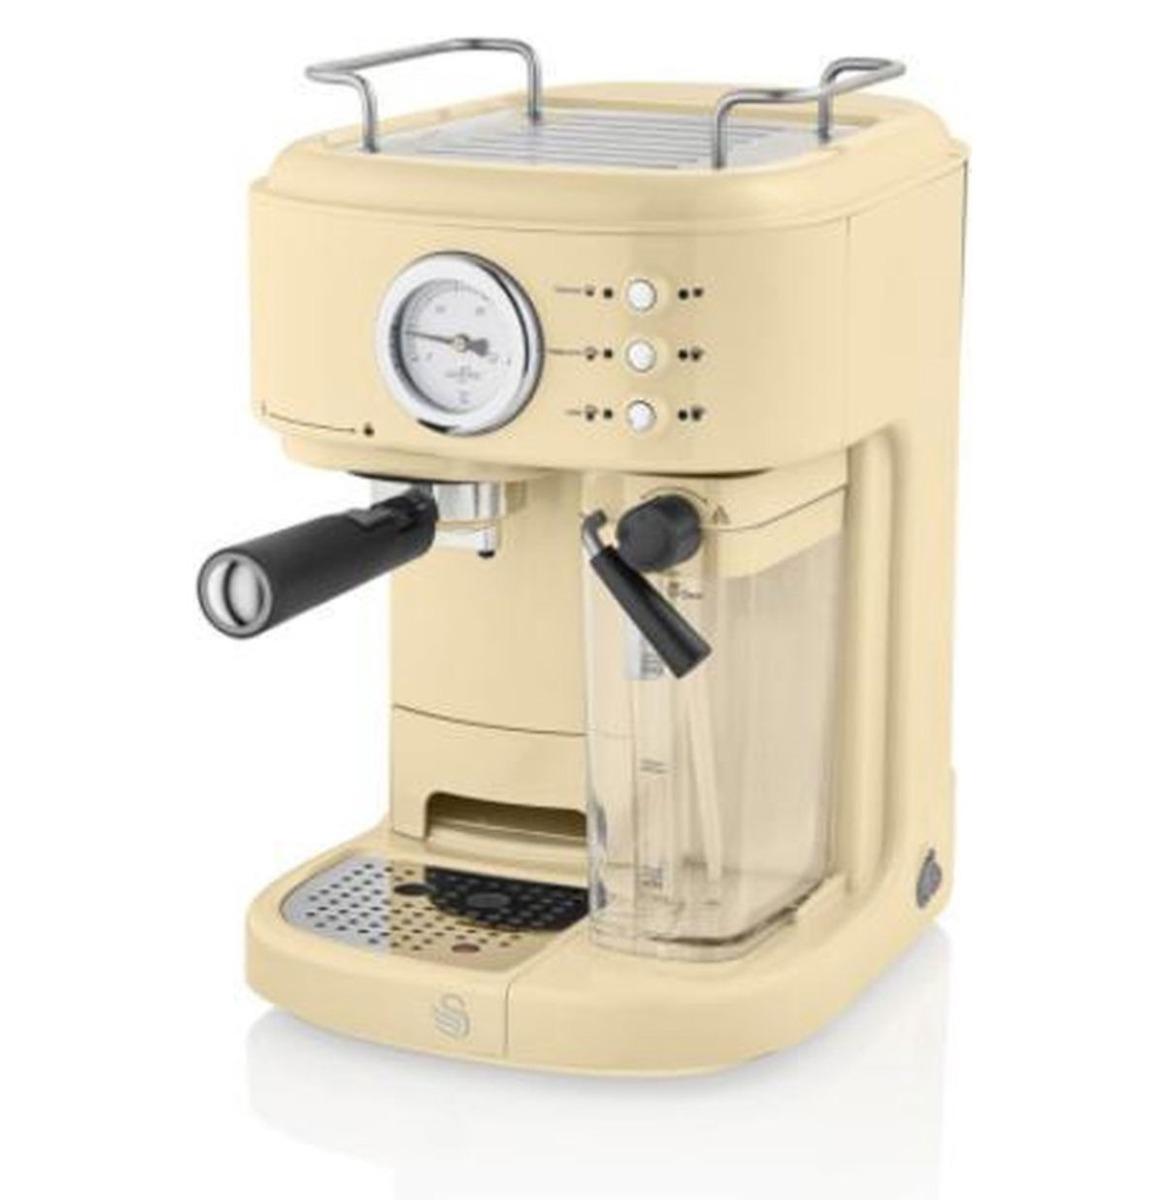 Swan One-Touch Retro Espresso Koffie Machine - Crème